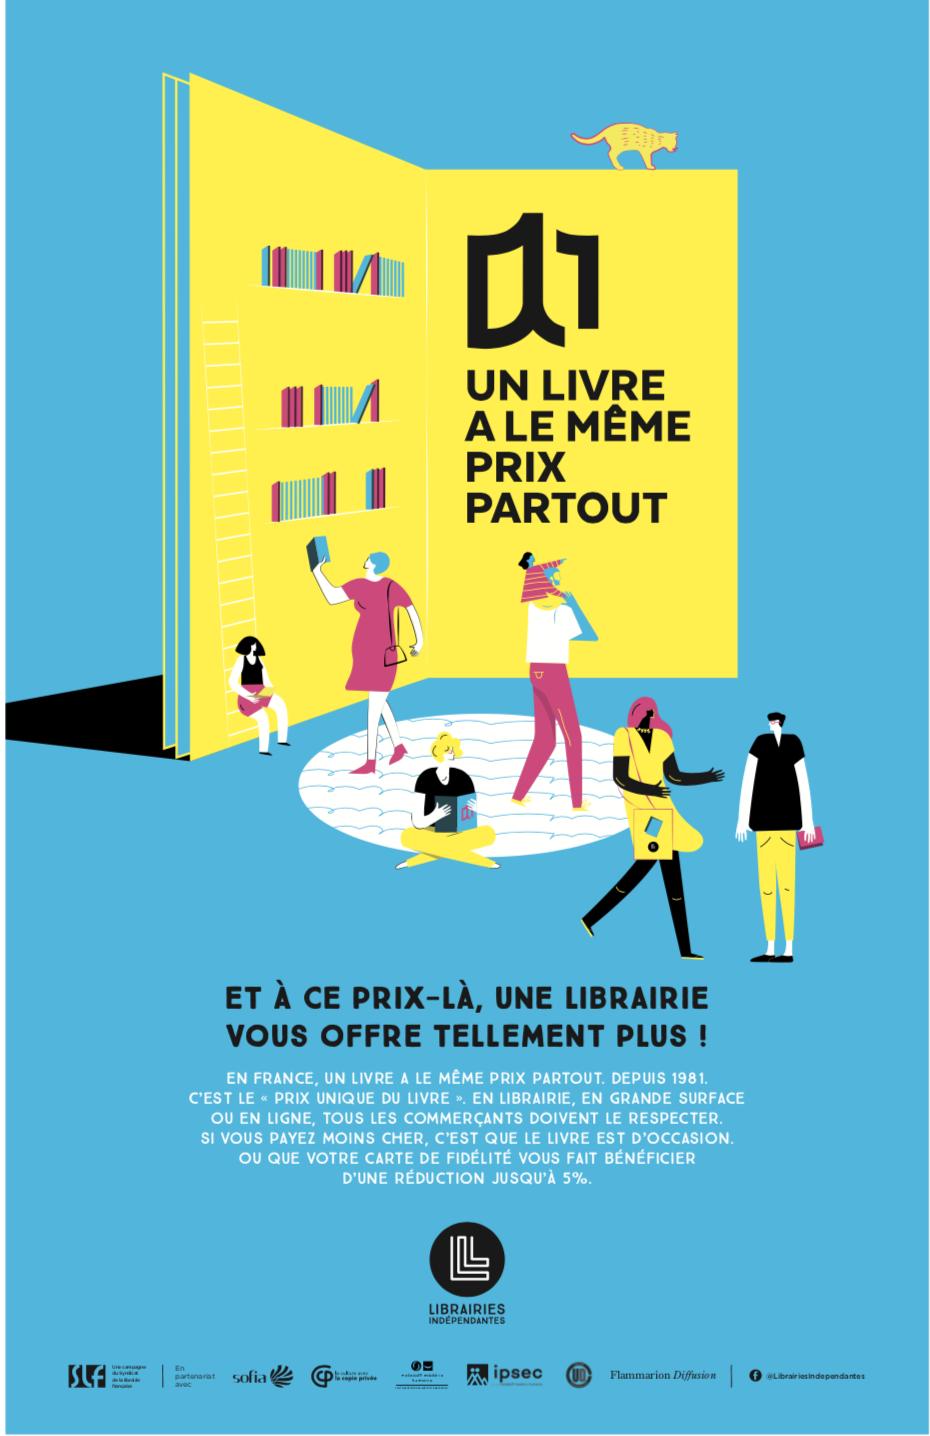 Achetez vos livres dans les librairies indépendantes !